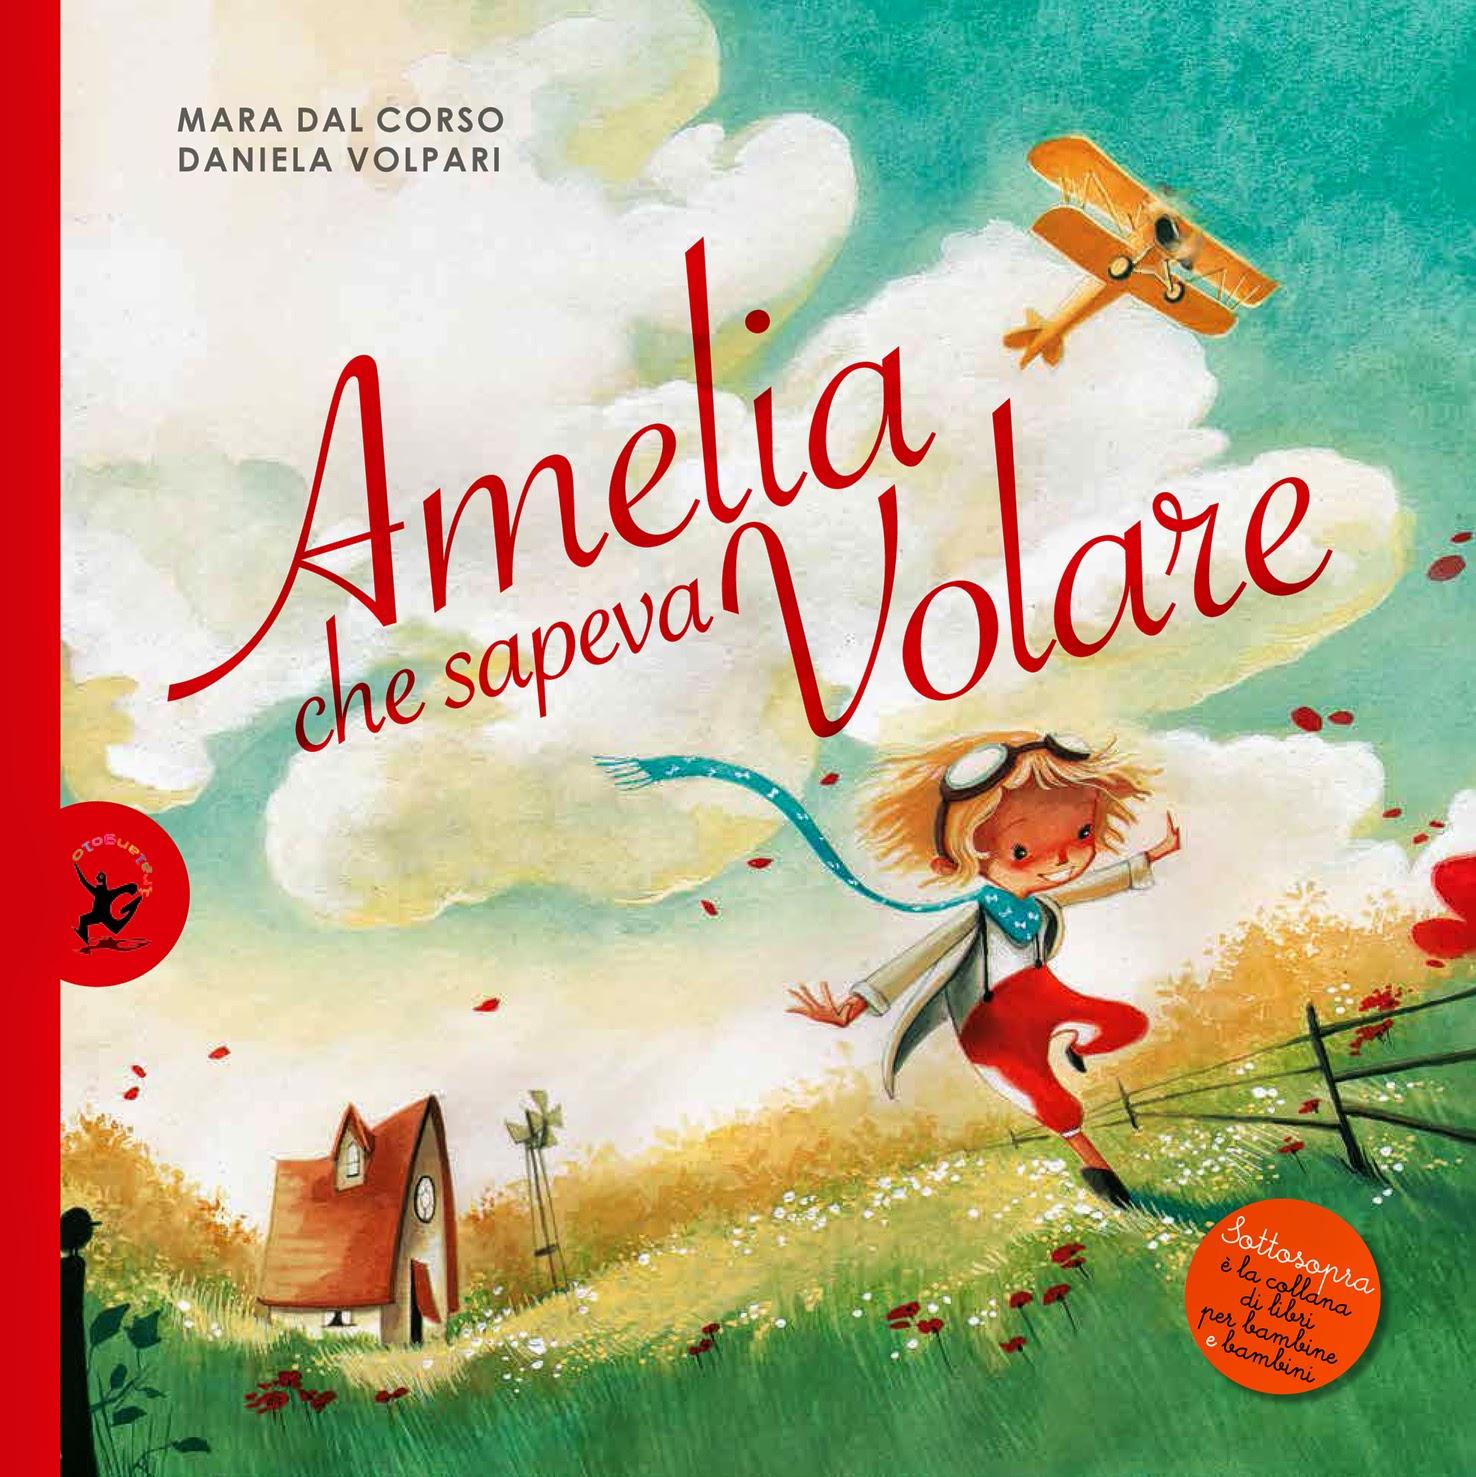 Amelia che sapeva volare